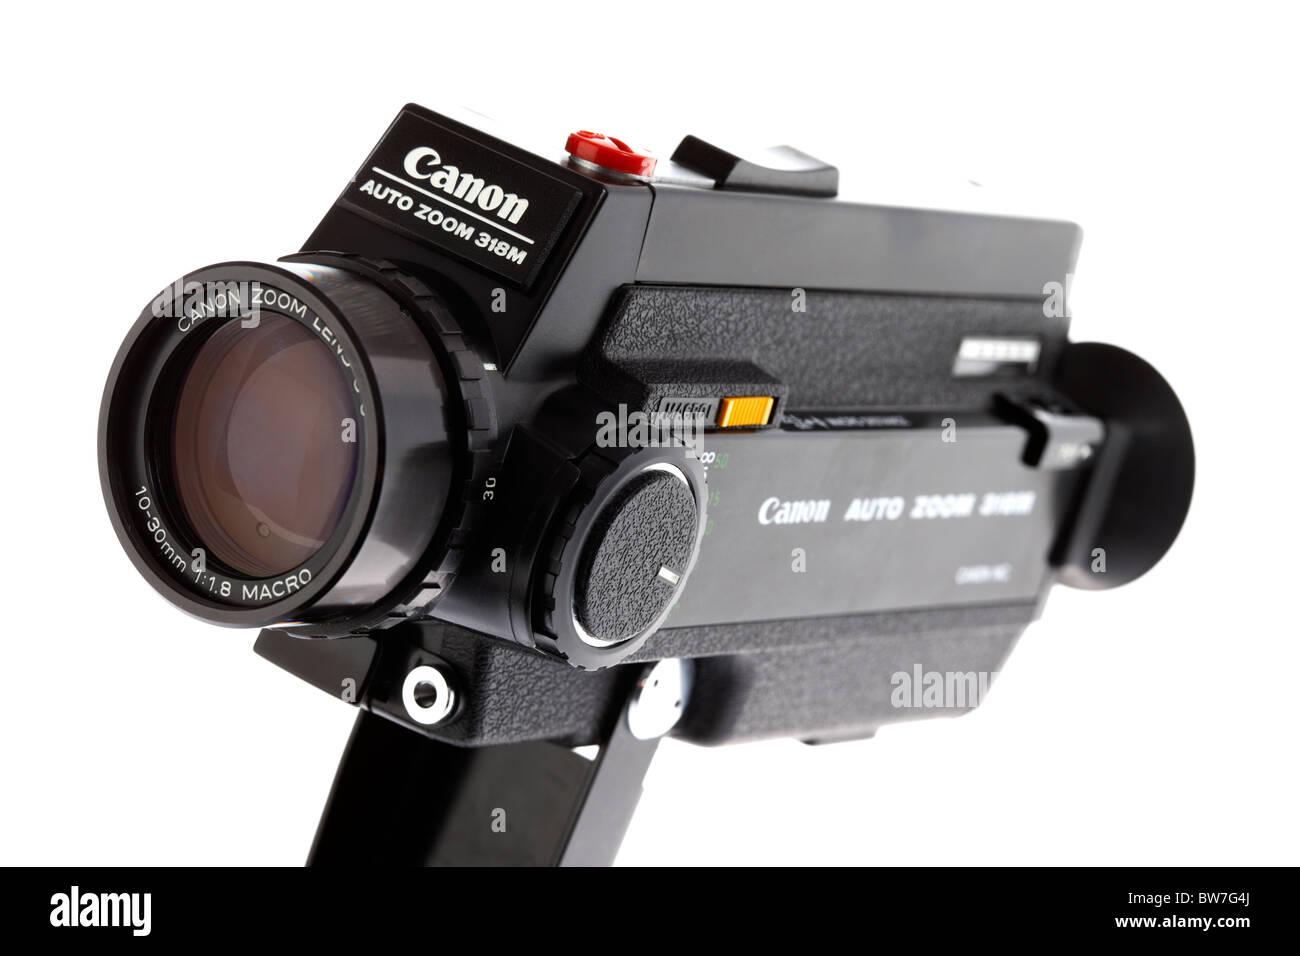 Super8 cine películas caseras hechas por la cámara Canon, sobre fondo blanco. Imagen De Stock